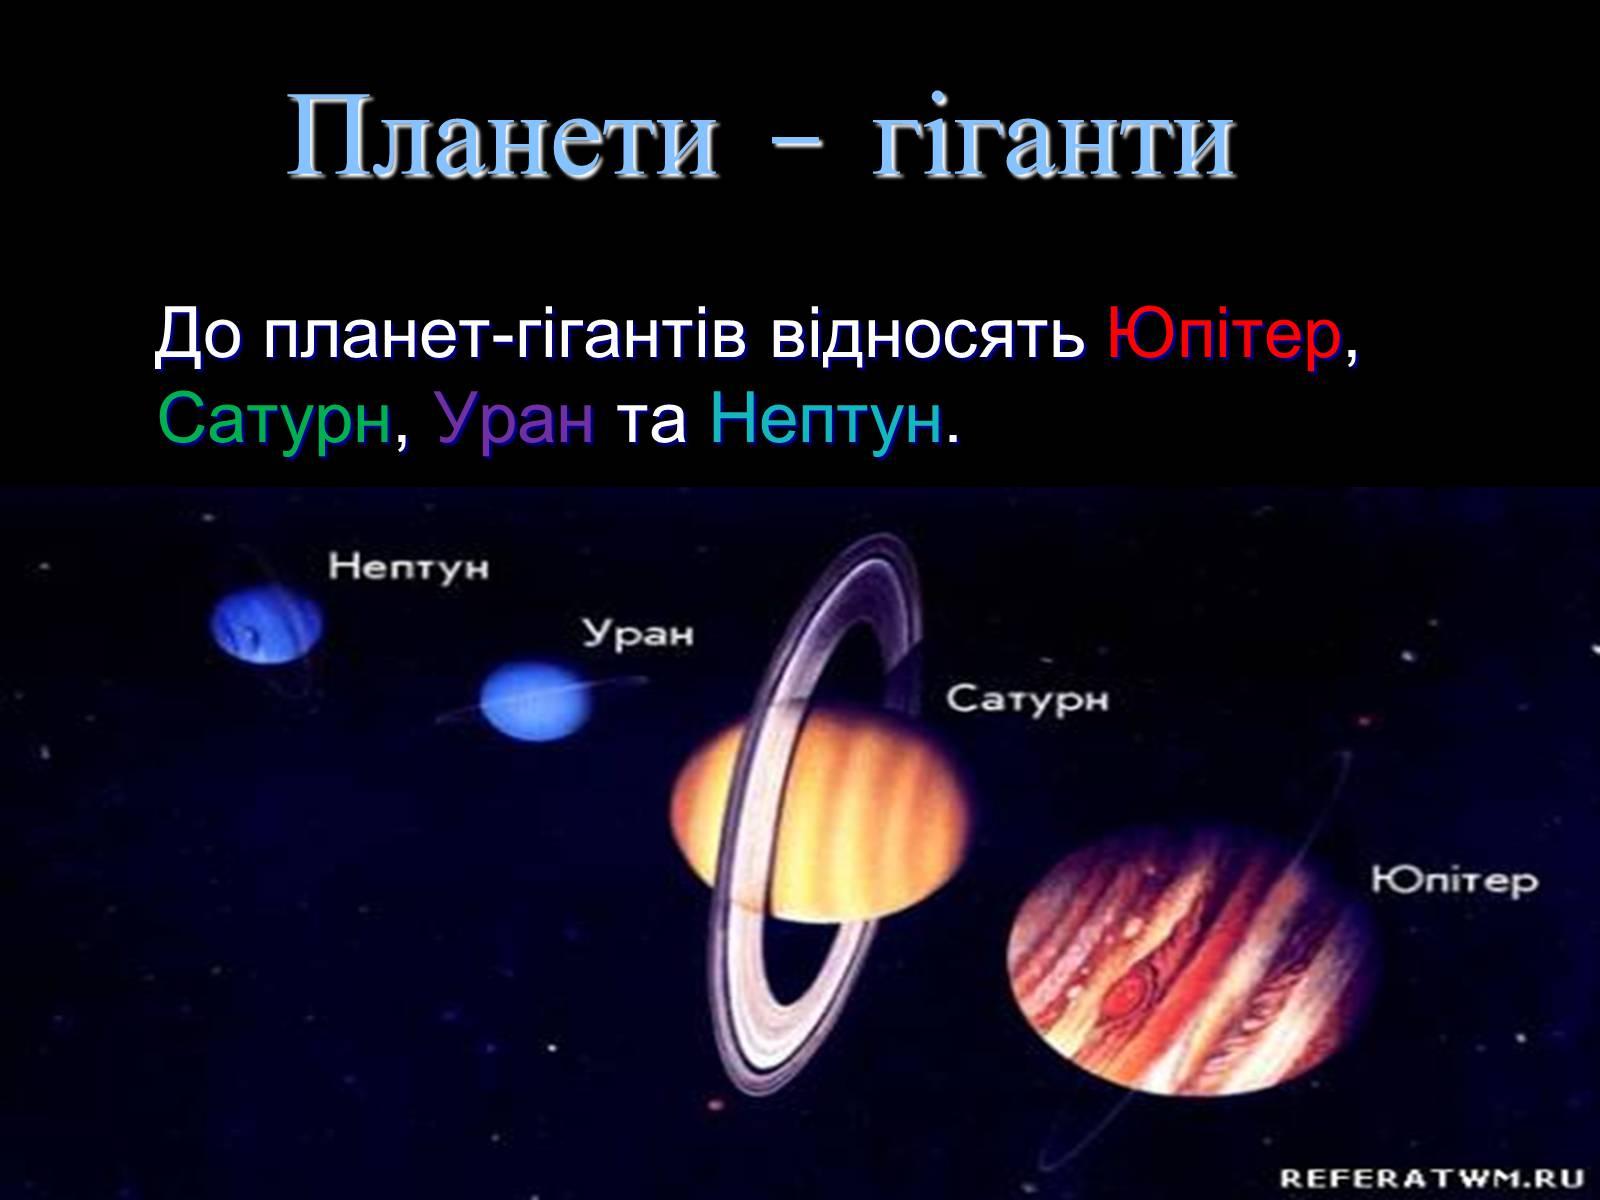 Планети гіганти: характеристика і особливості, цікаві факти